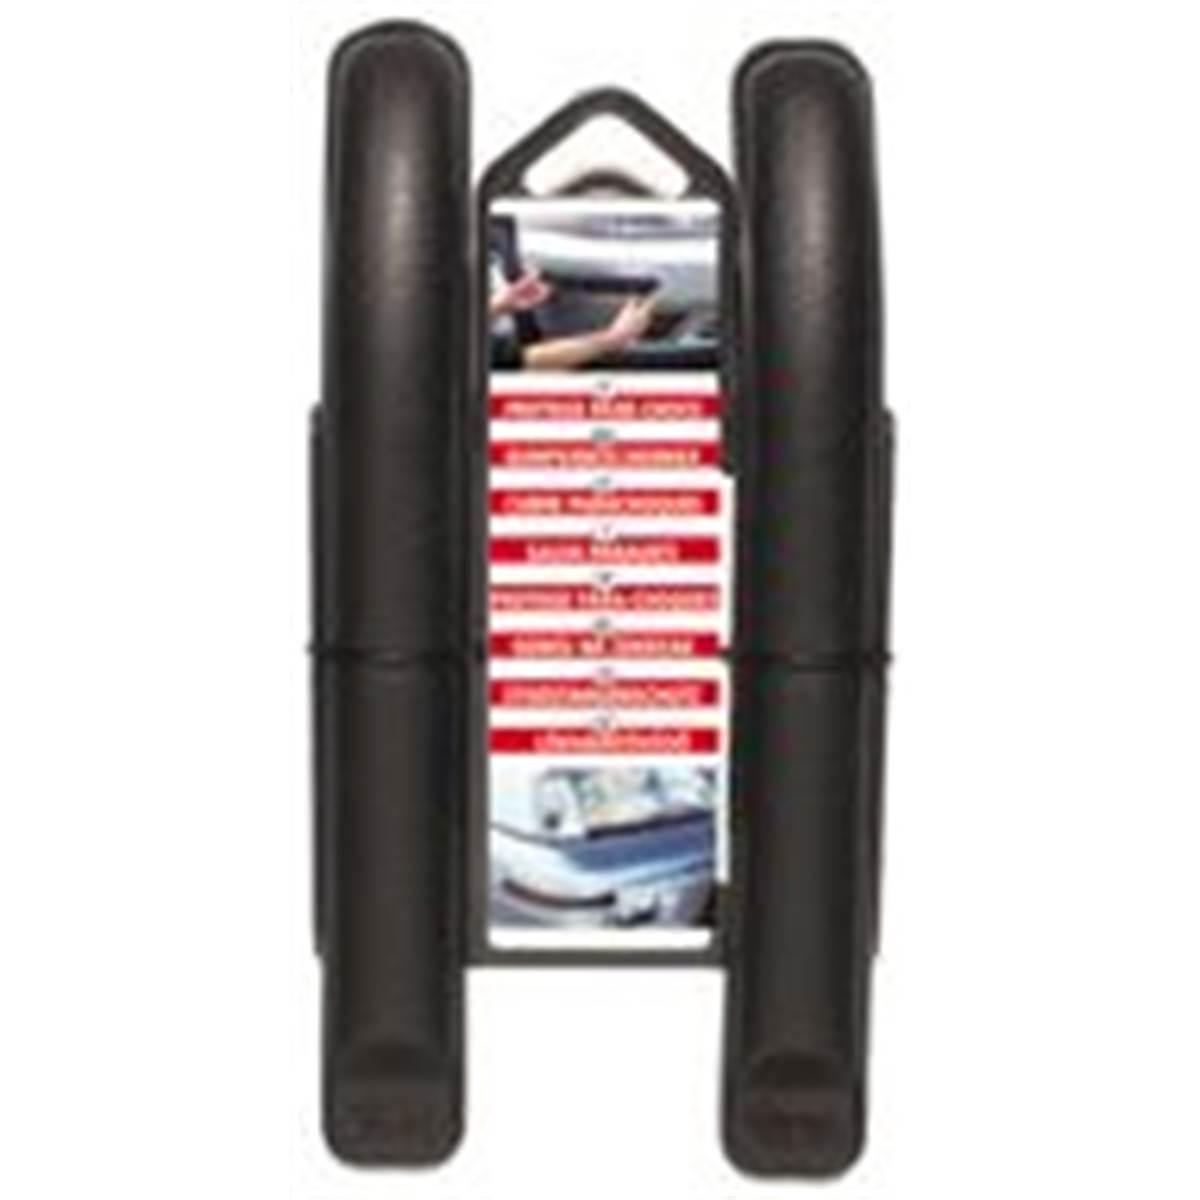 2 Protections de pare-chocs incurvées noires 21 cm